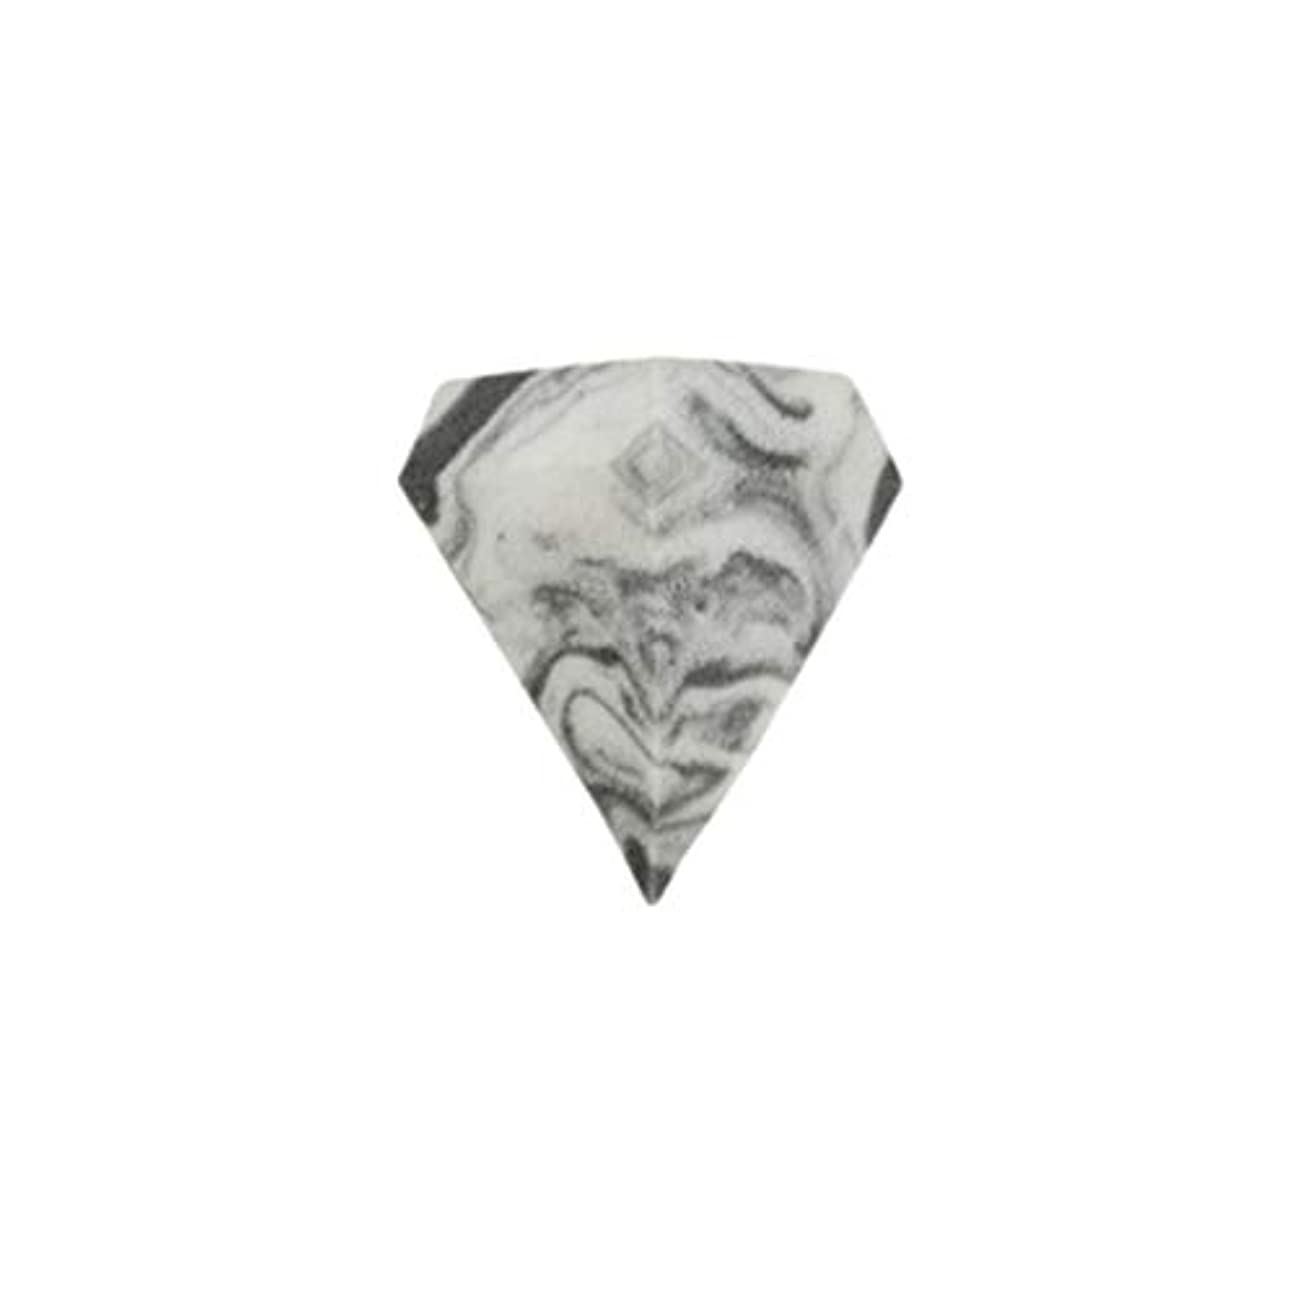 シャッターフェッチプレゼント美のスポンジ、柔らかいダイヤモンド形の構造の混合物の基礎スポンジ